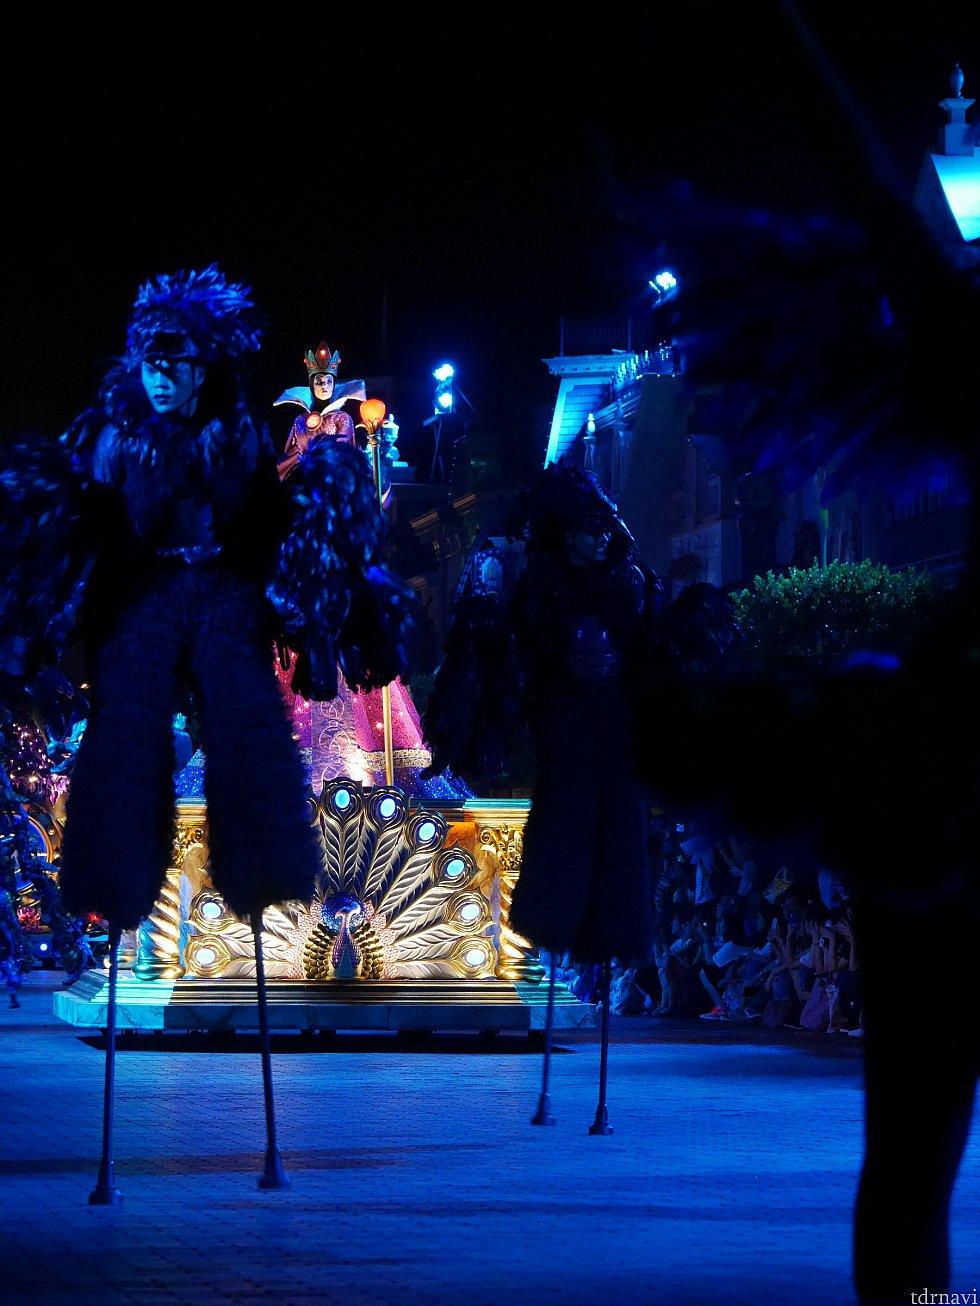 フロート組先頭は白雪姫に出てくる女王、ウィックドクィーン!